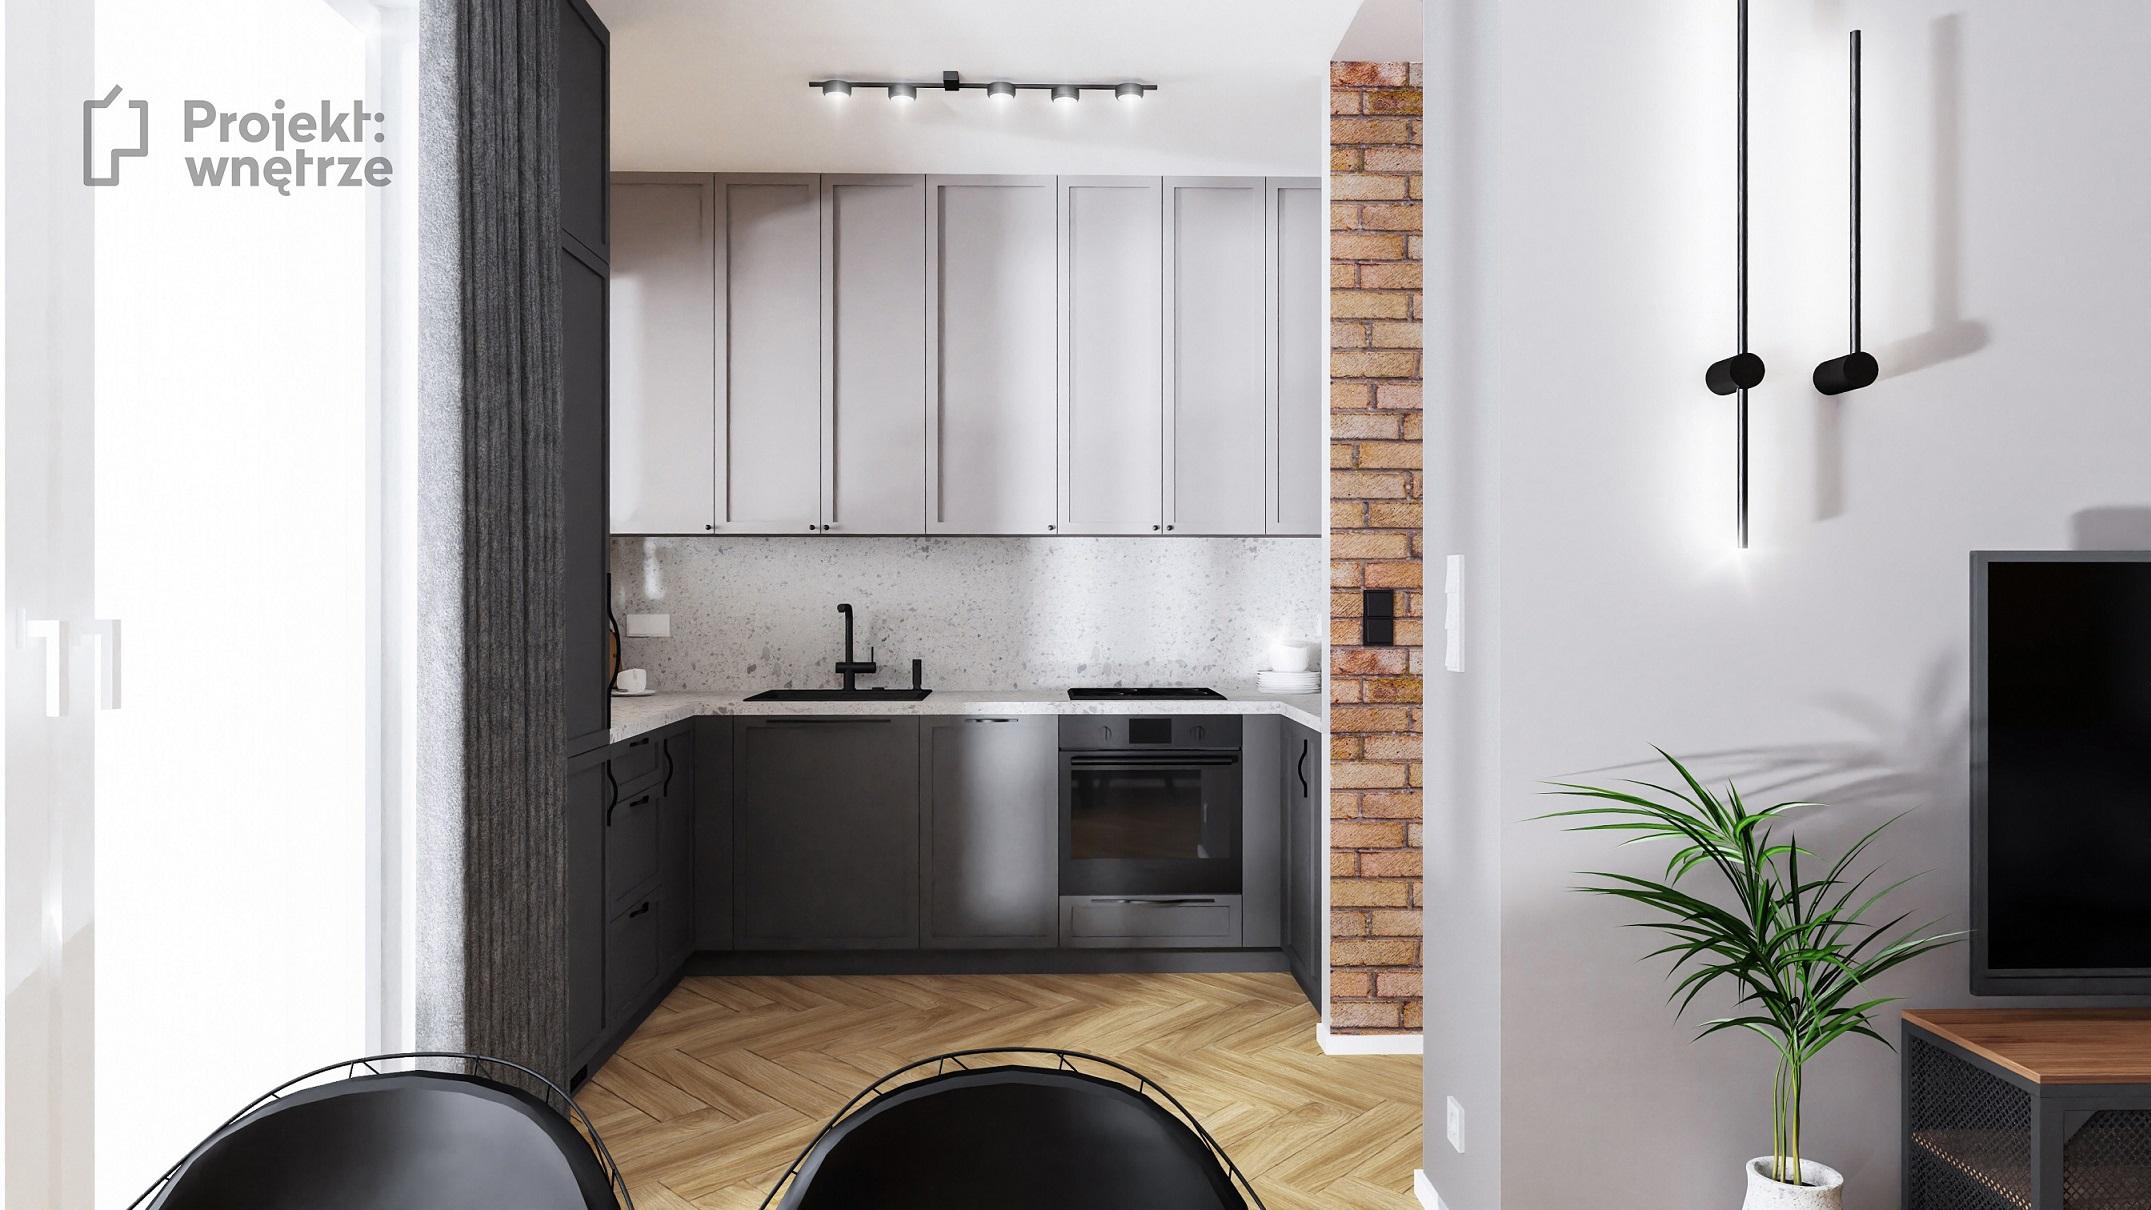 Projekt wnętrze mieszkanie w stylu loft aneks kuchenny szarość cegła lastryko terazzo panele winylowe jodełka - projektowanie wnętrz Warszawa onlina (1)